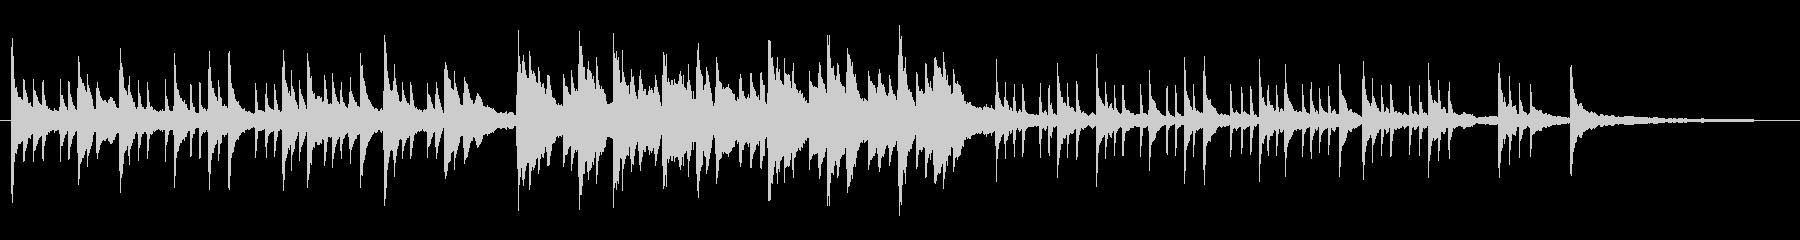 ピアノによるグレゴリオ聖歌の未再生の波形